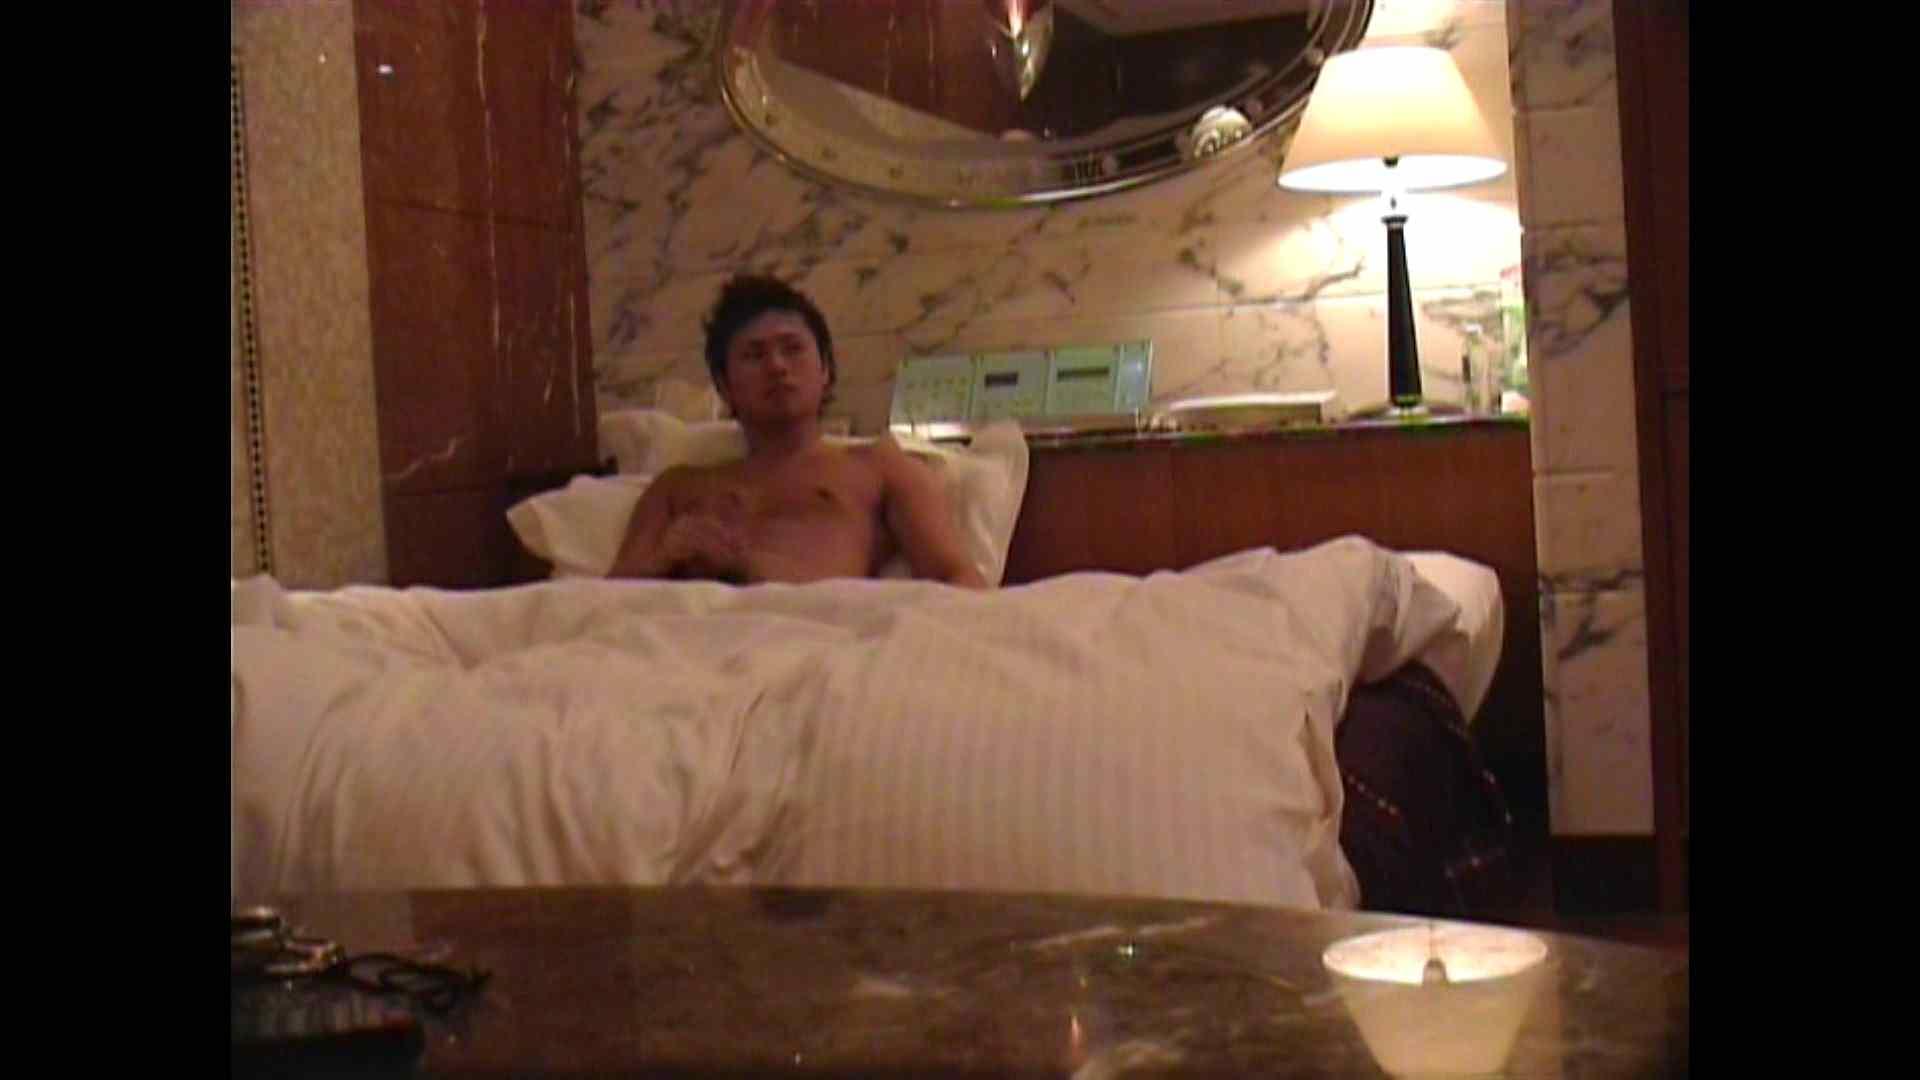 オナ好き五郎さん投稿!イケメン限定、オナニーでイク瞬間を撮影 その2 ノンケ ゲイ無料エロ画像 98連発 76